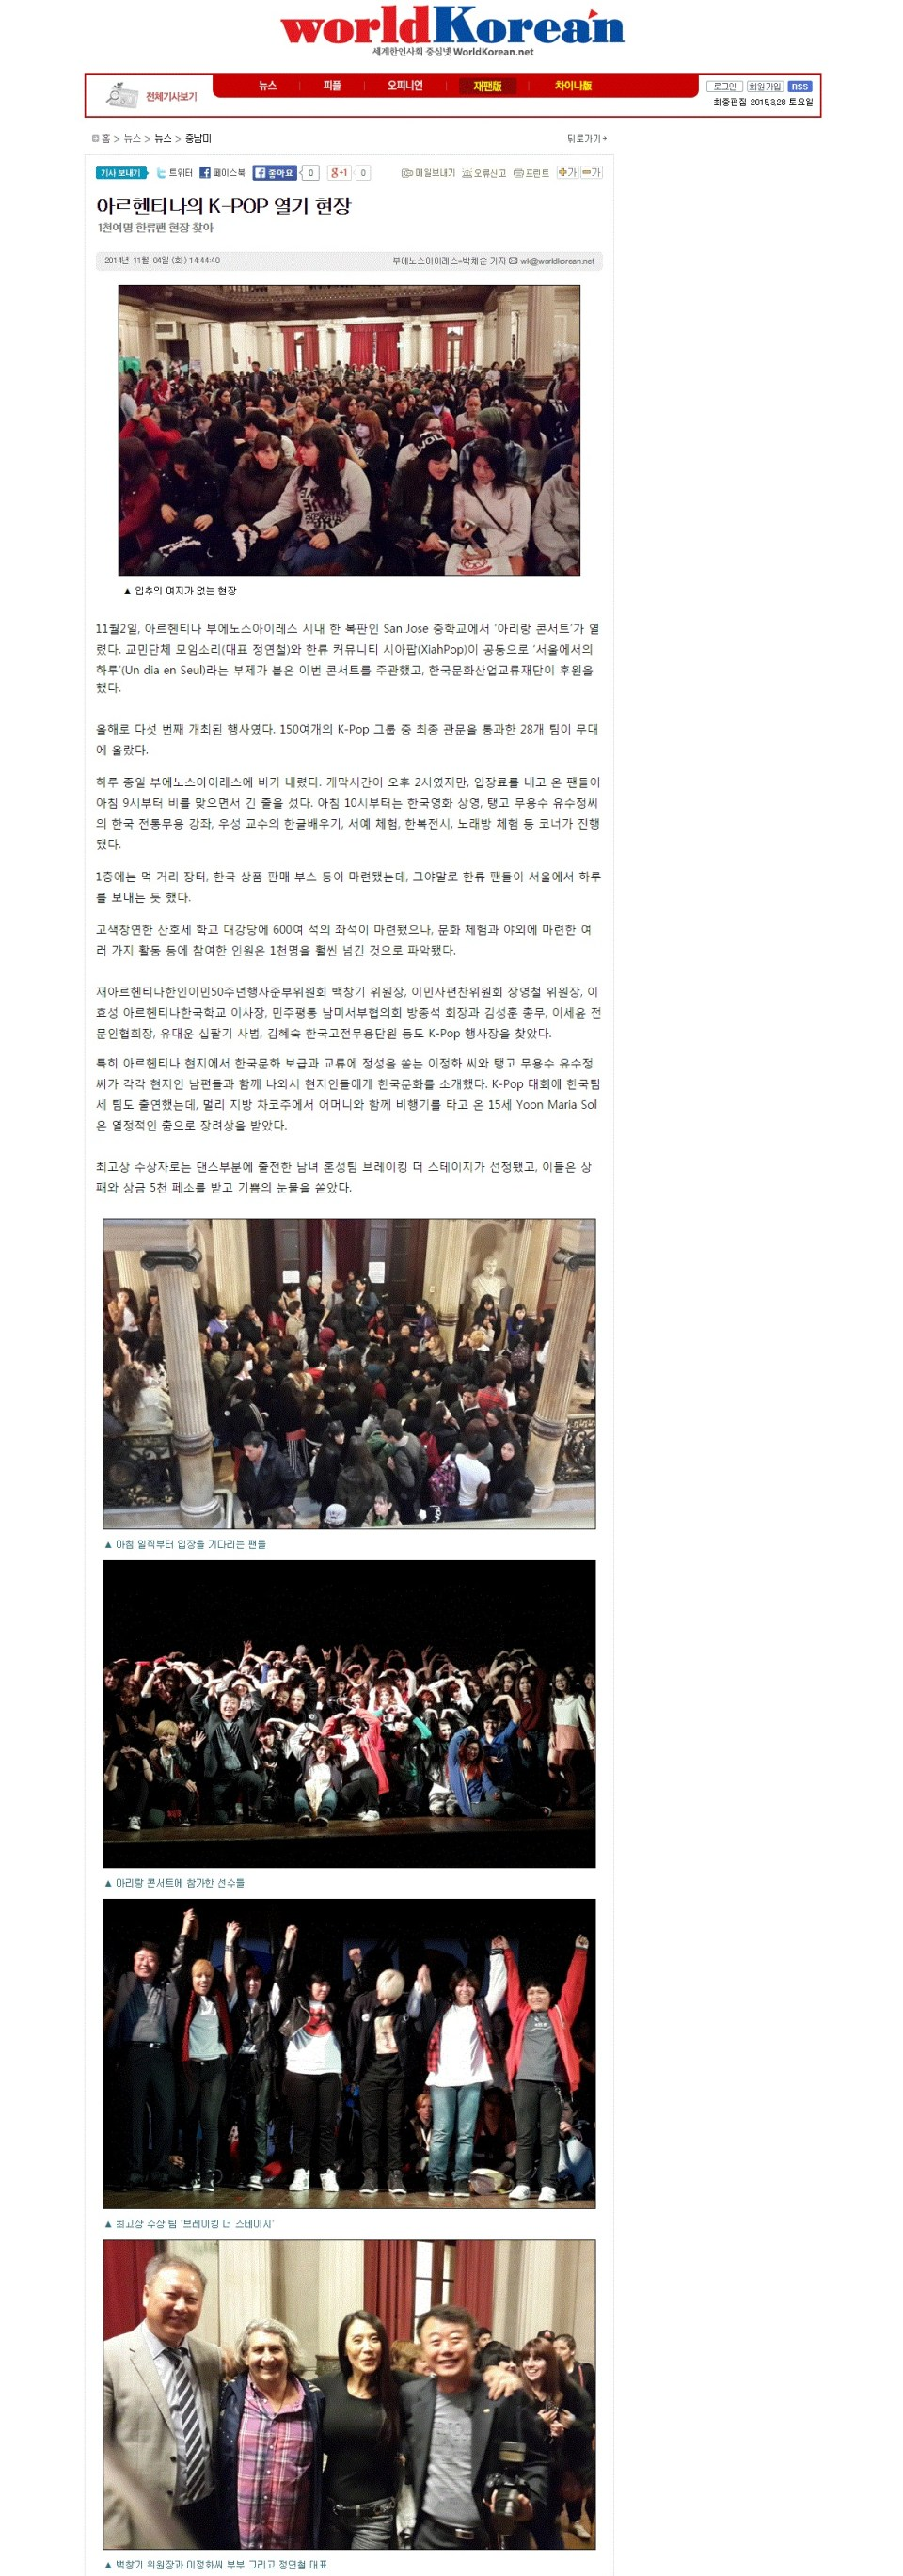 xiahpop en worldkorean udes